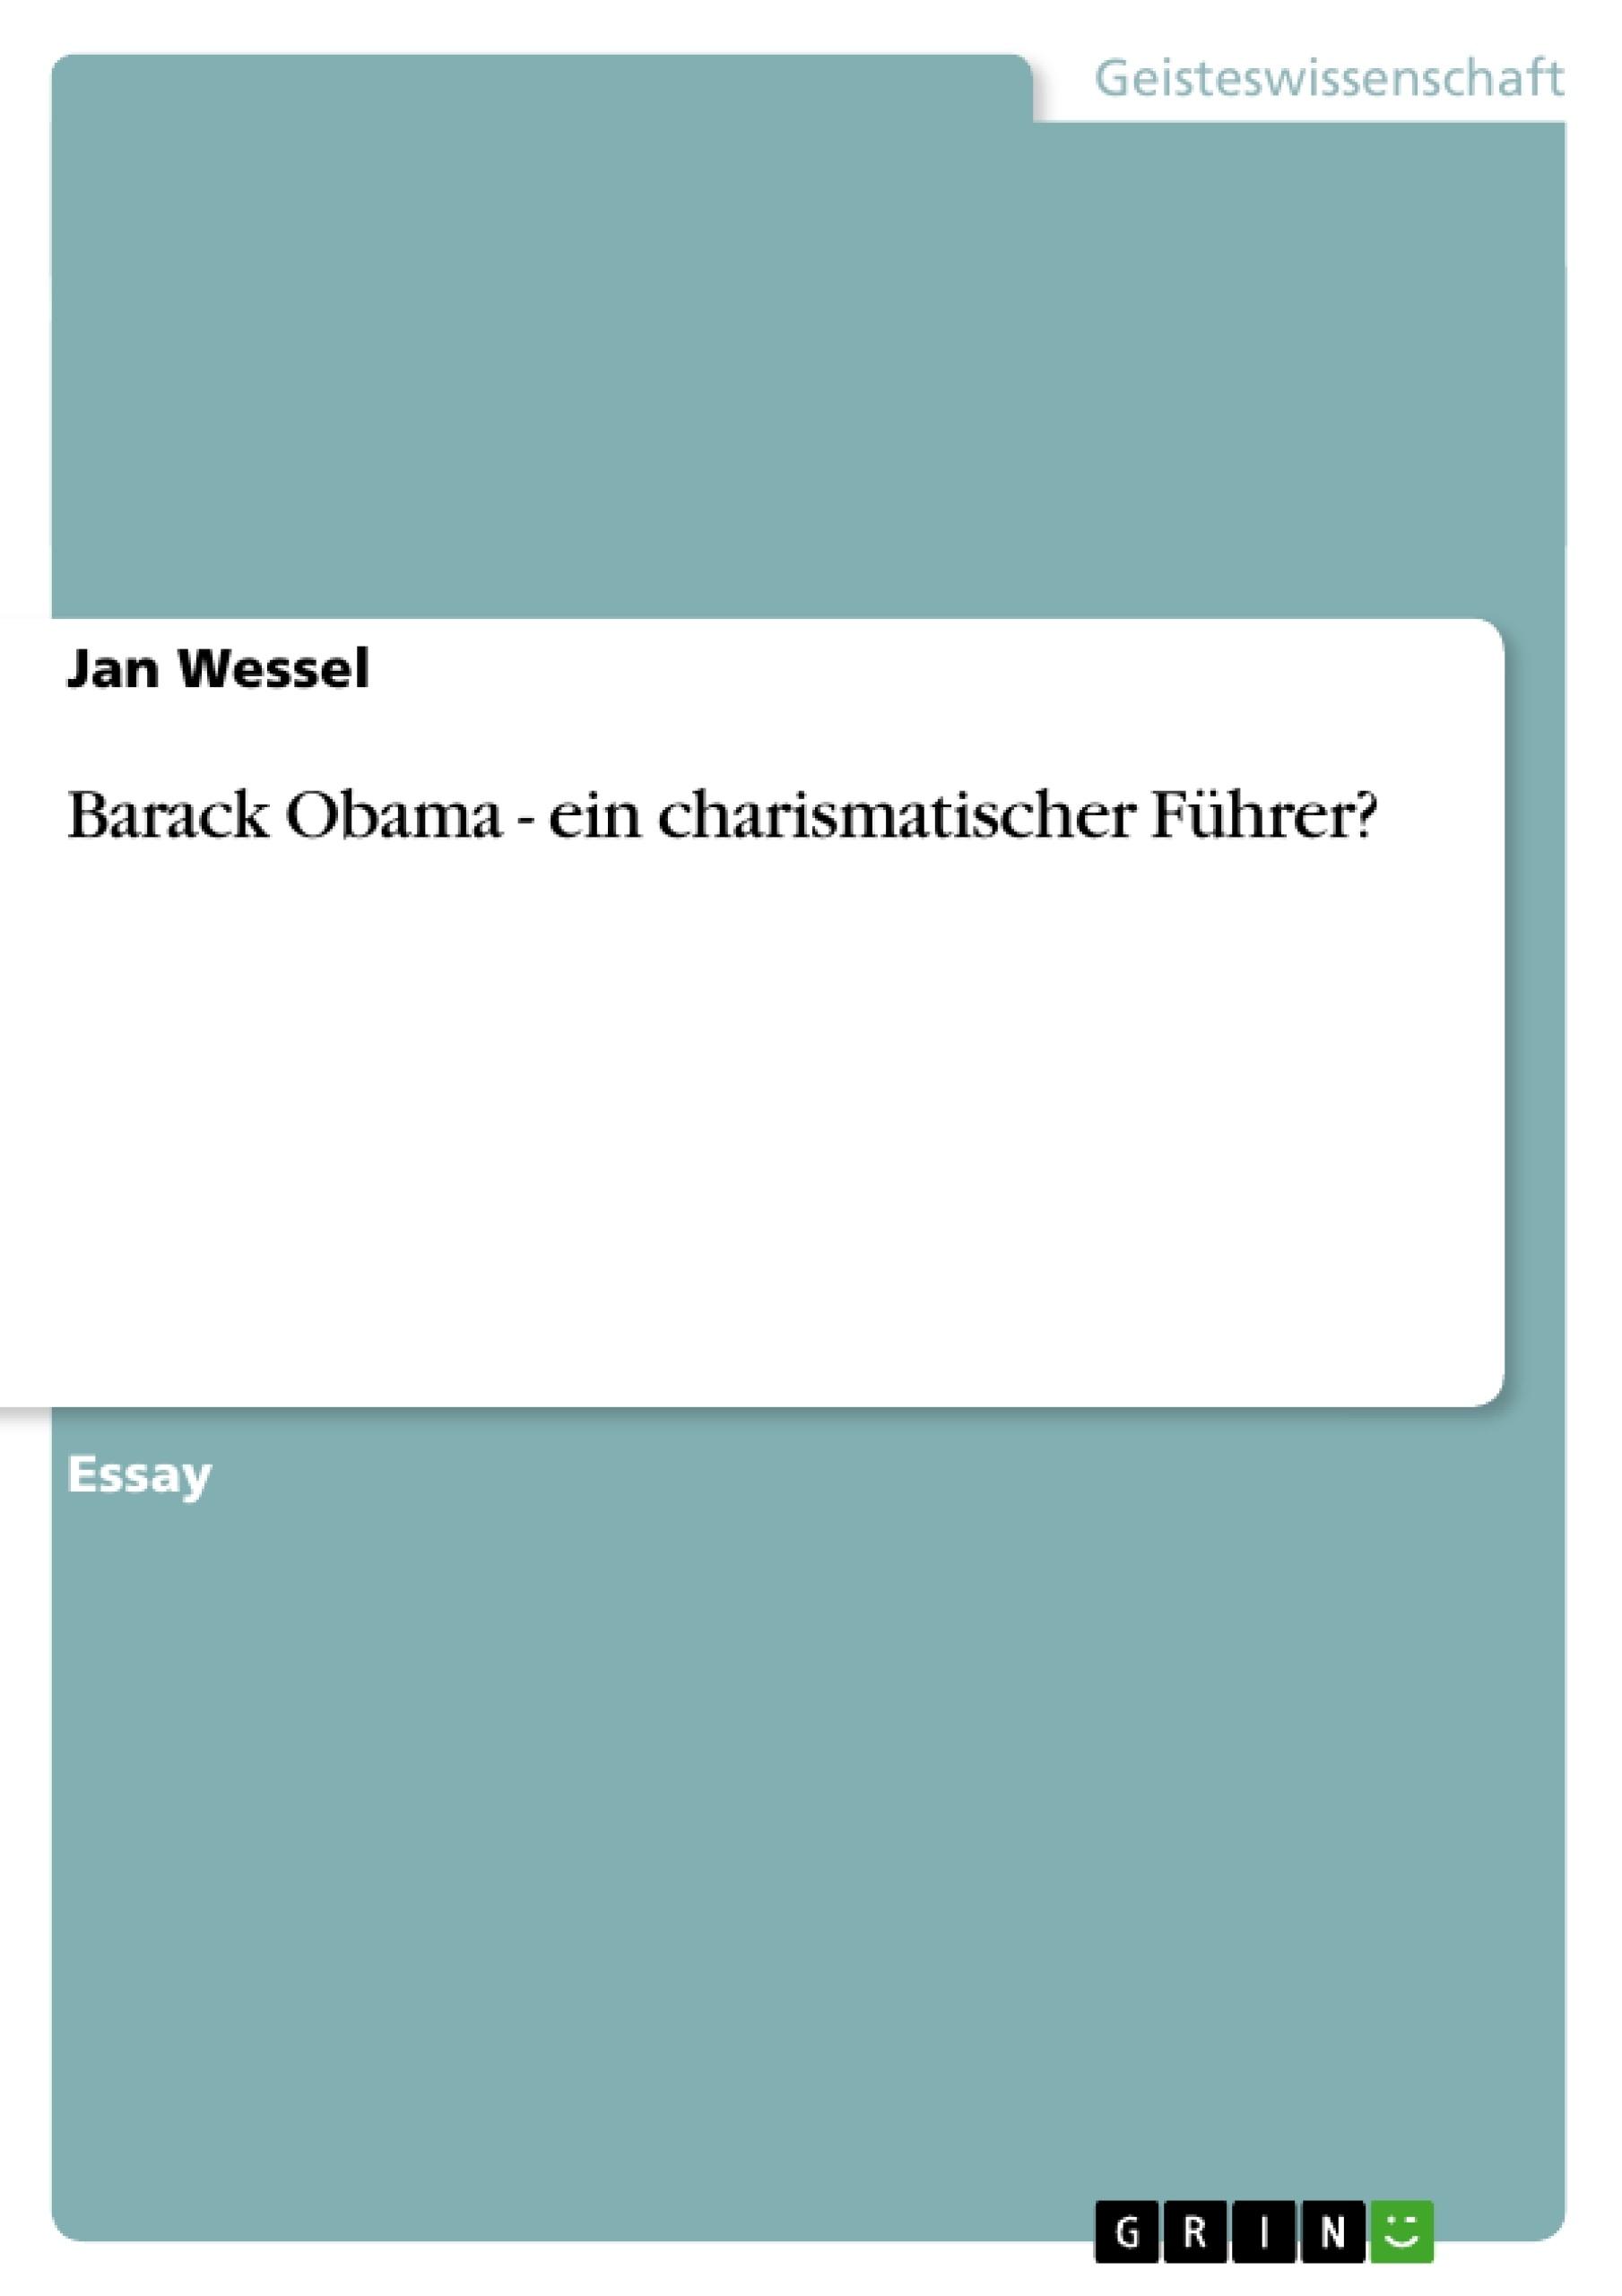 Titel: Barack Obama - ein charismatischer Führer?